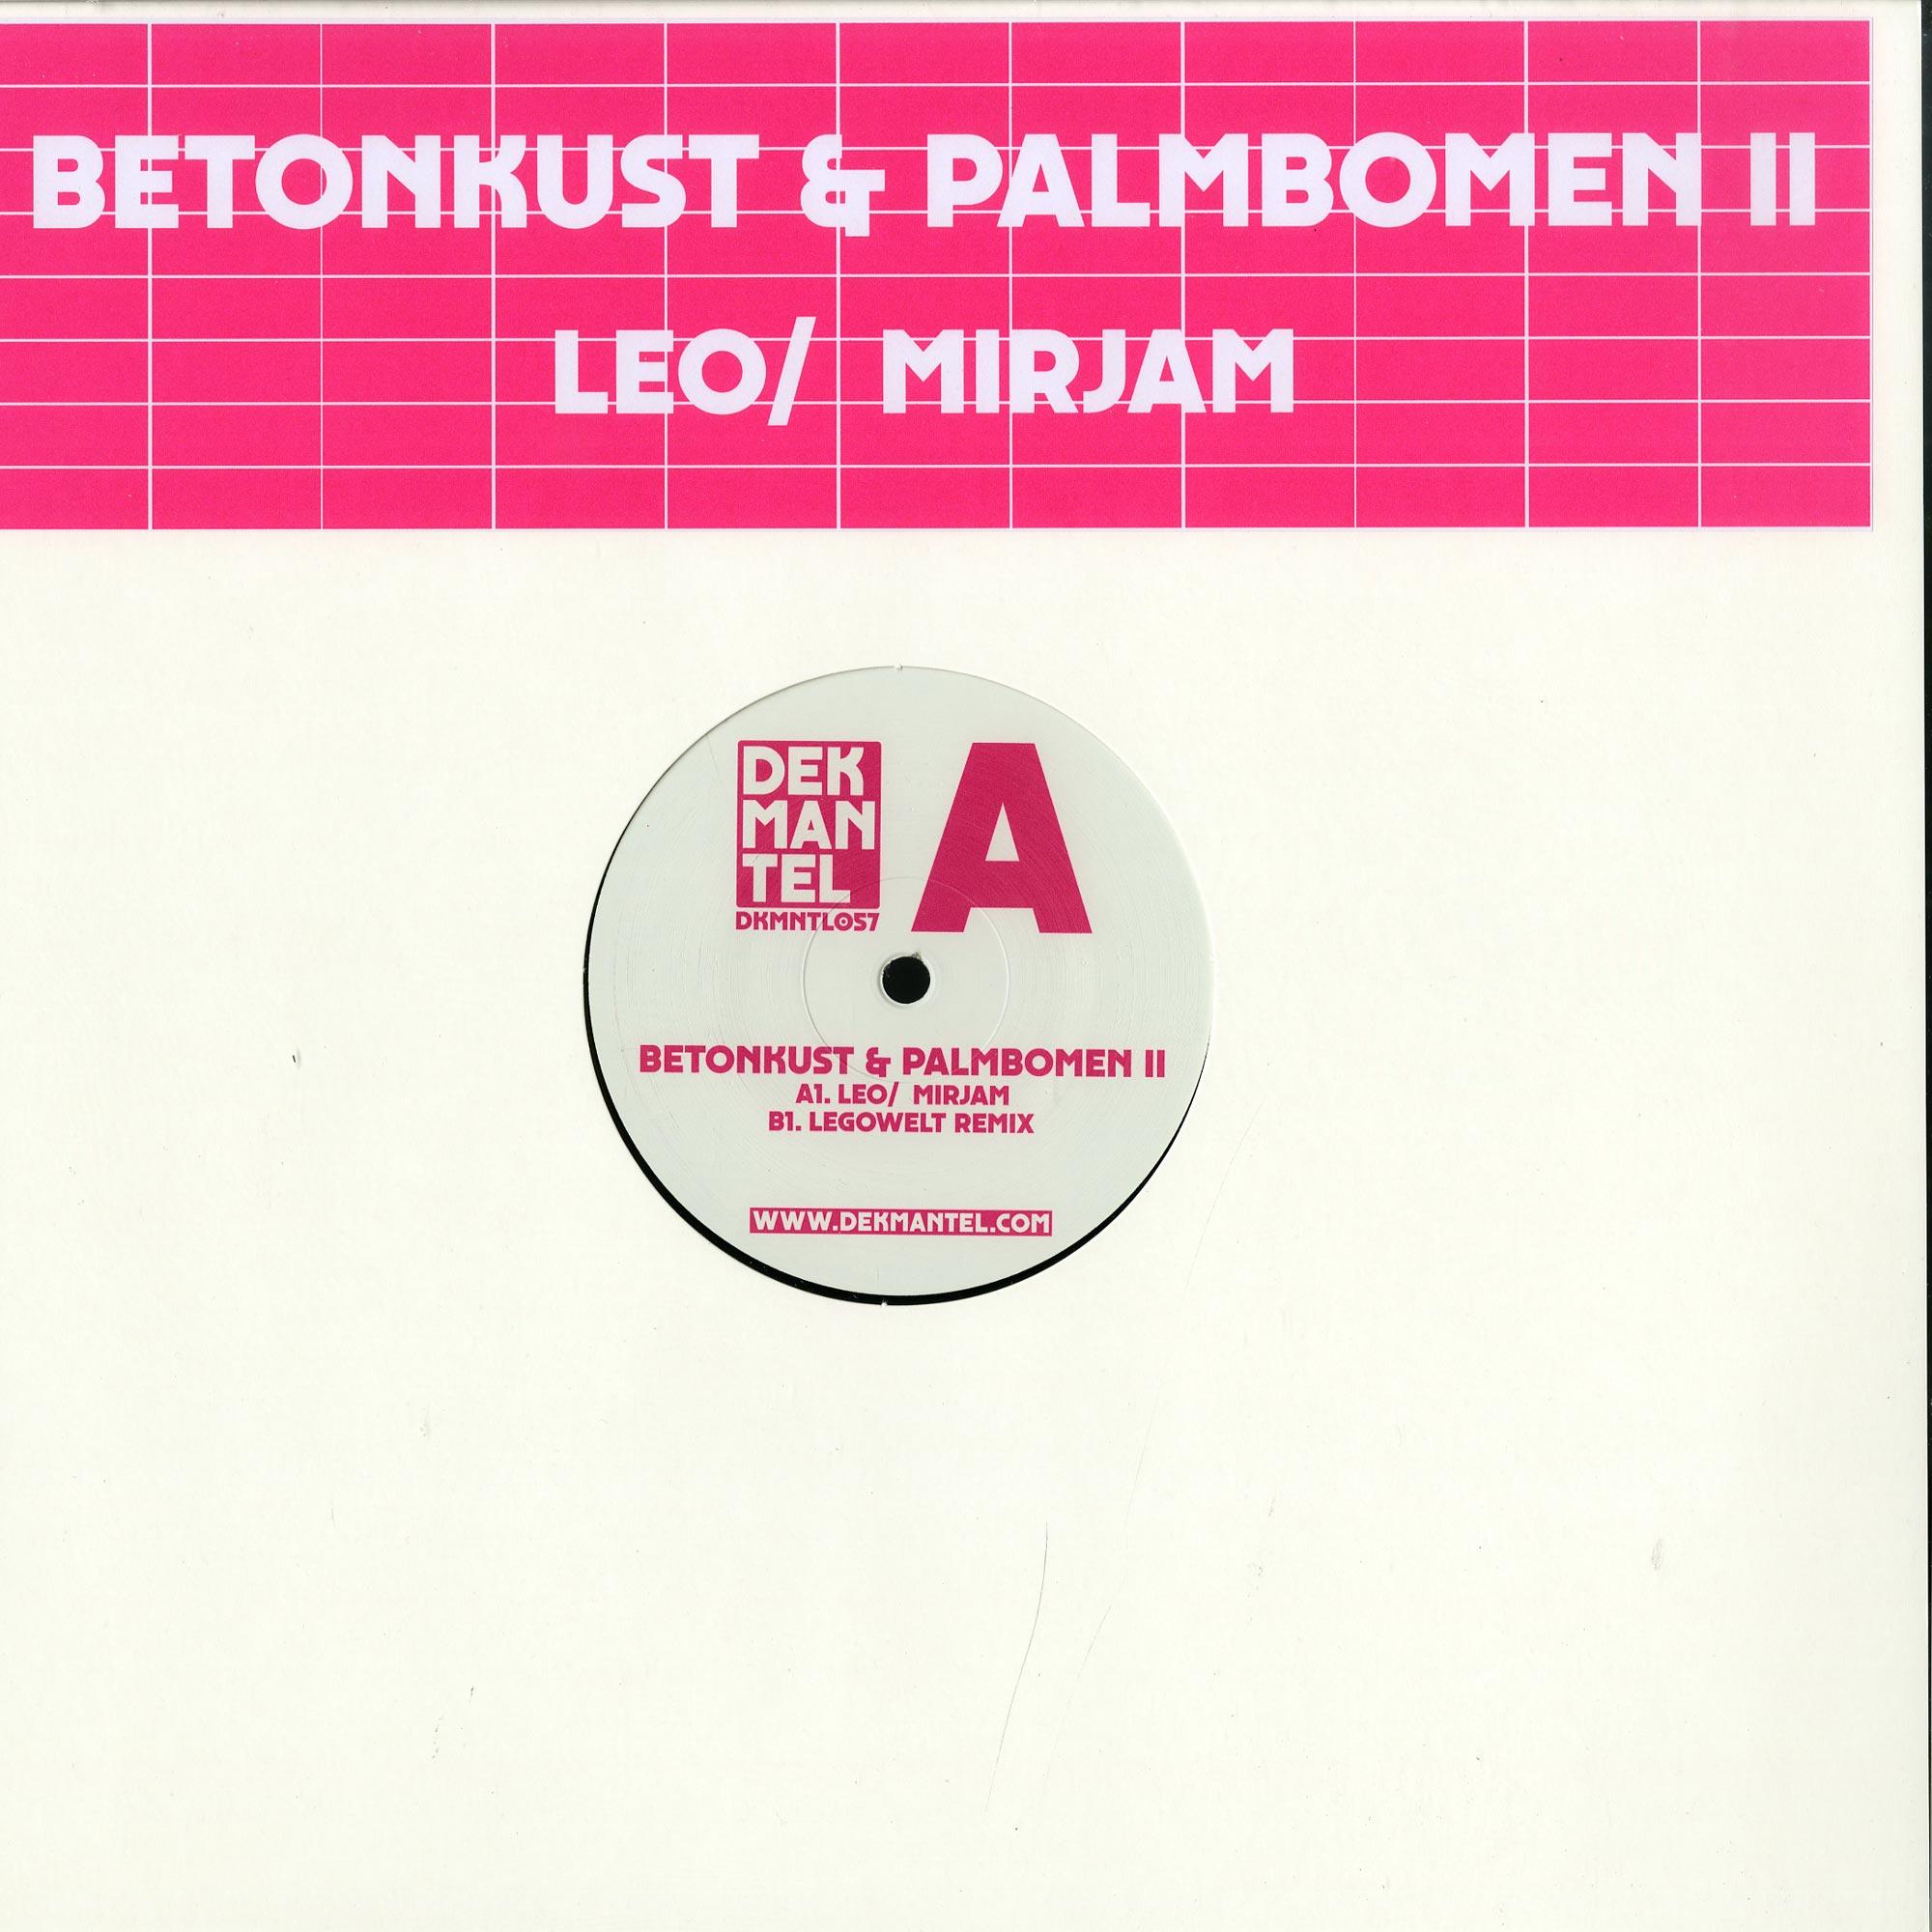 Betonkust & Palmbomen II - LEO / MIRJAM